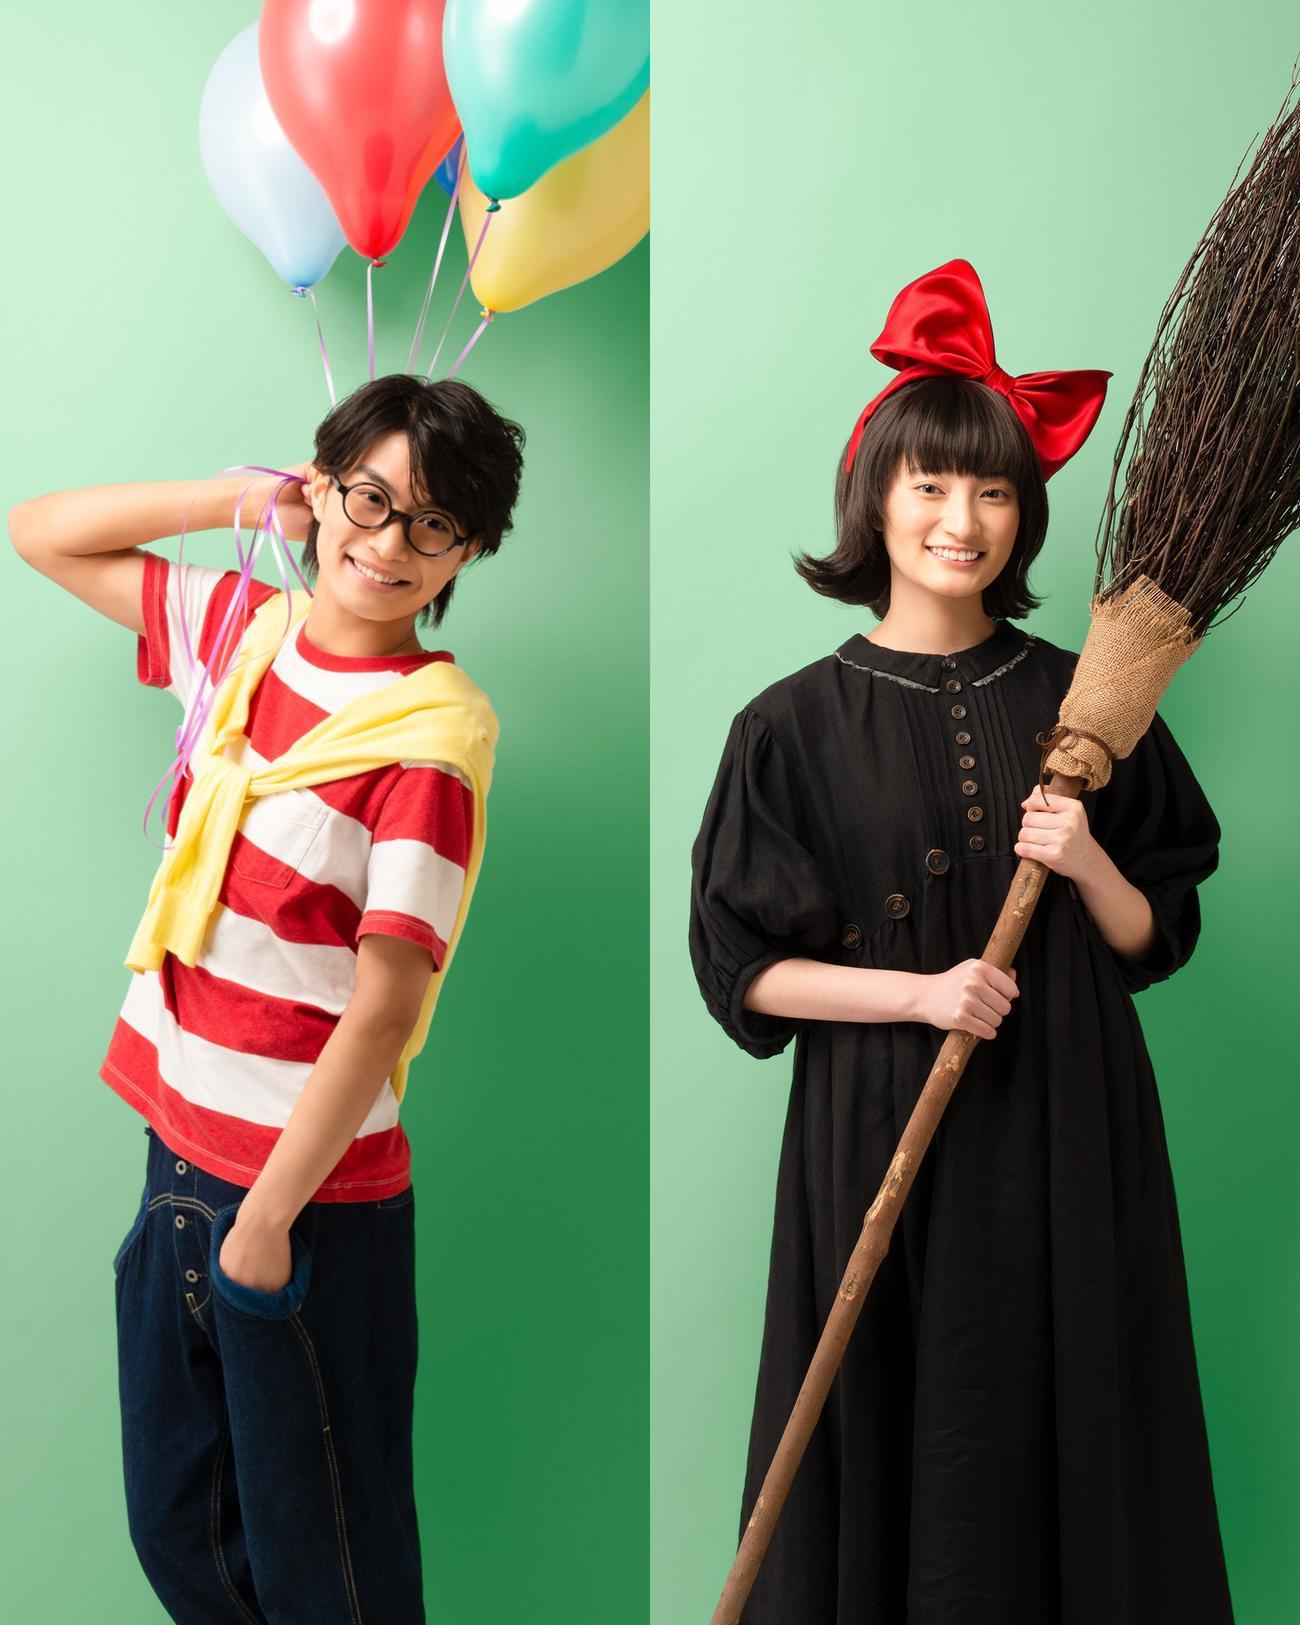 ミュージカル「魔女の宅急便」に出演する那須雄登(左)と井上音生